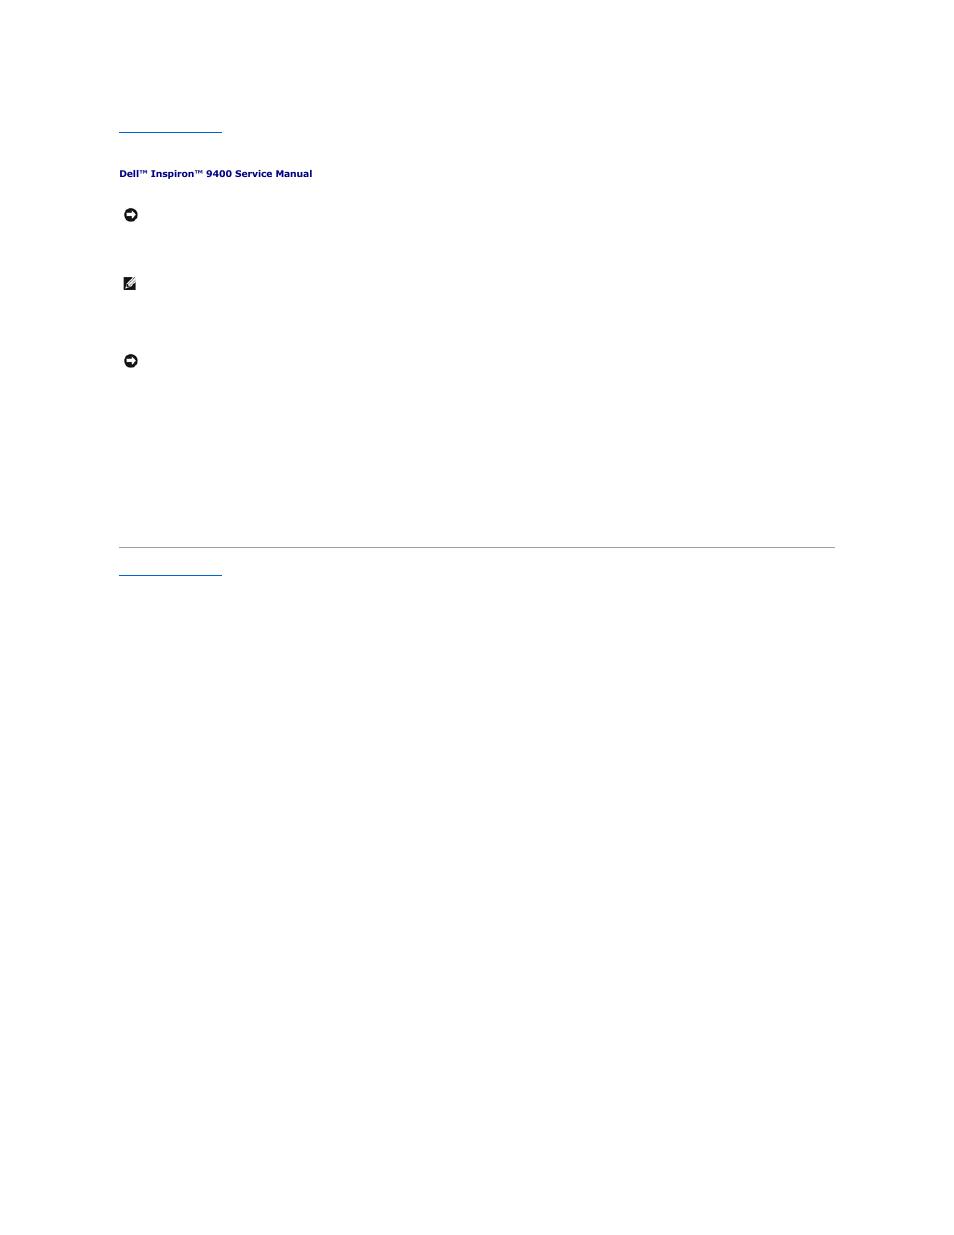 flashing the bios dell inspiron e1705 user manual page 30 56 rh manualsdir com Dell Inspiron E1705 Parts Dell Inspiron E1705 Problems